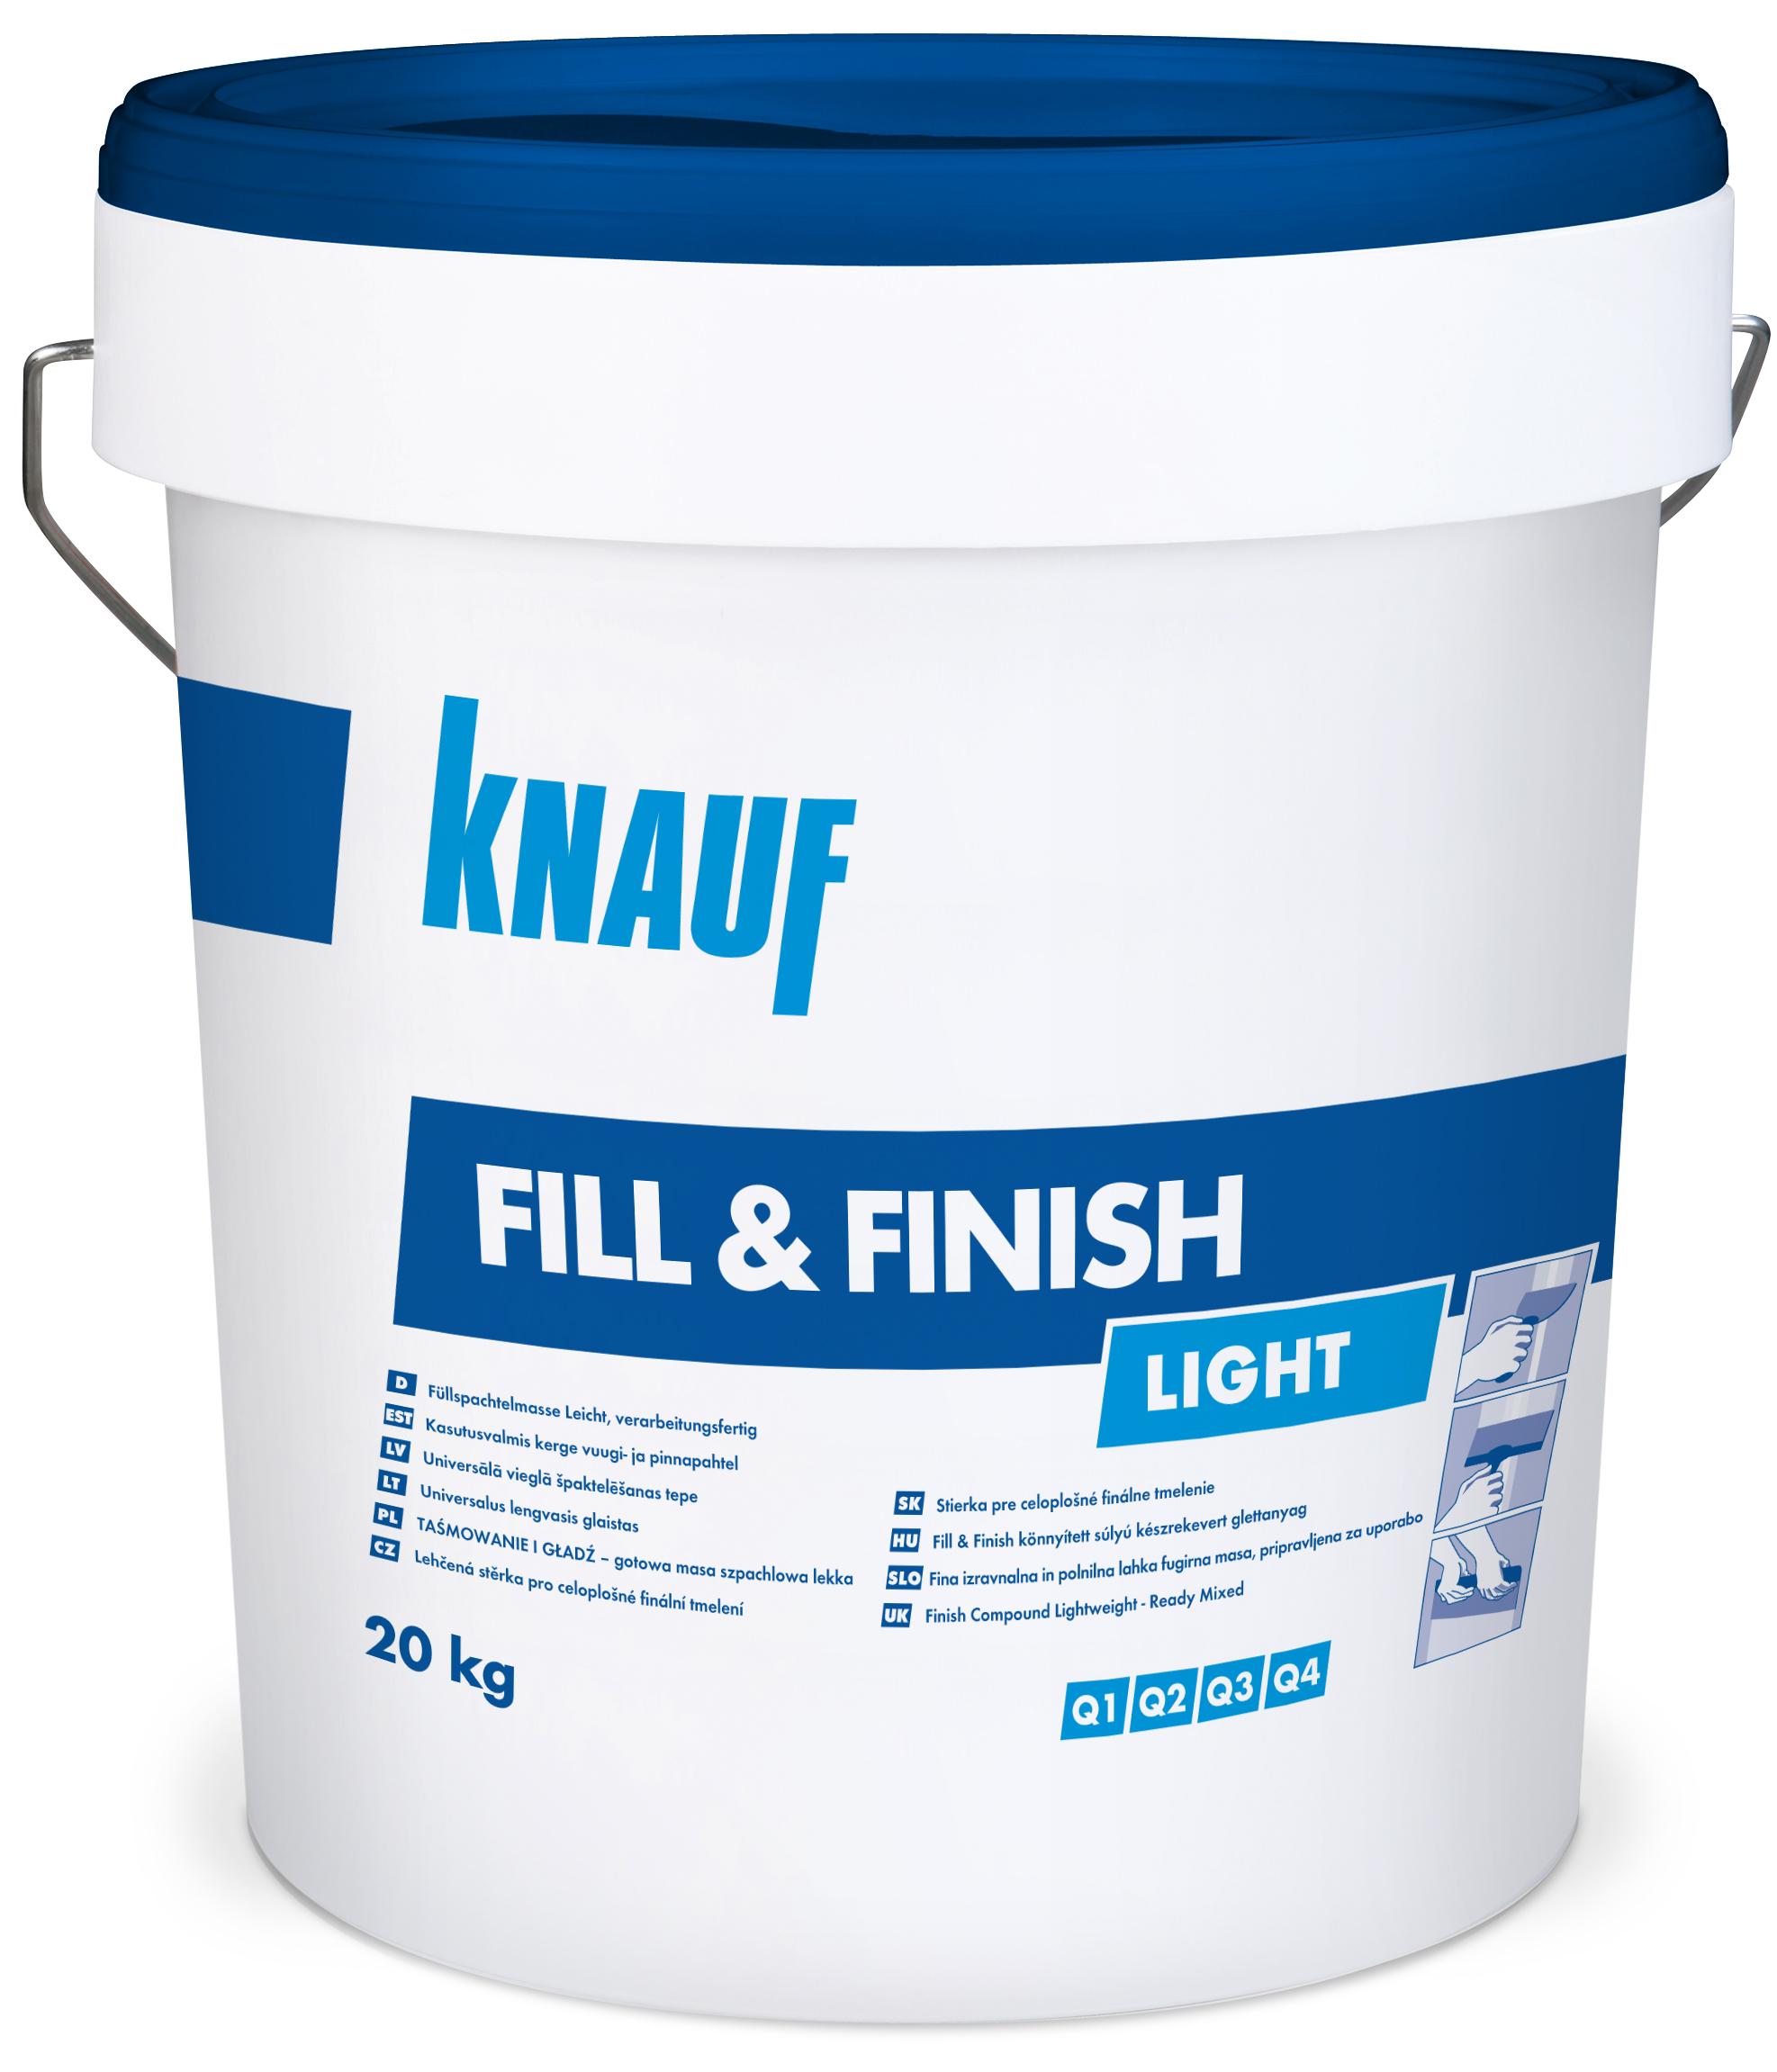 Knauf fill finish light